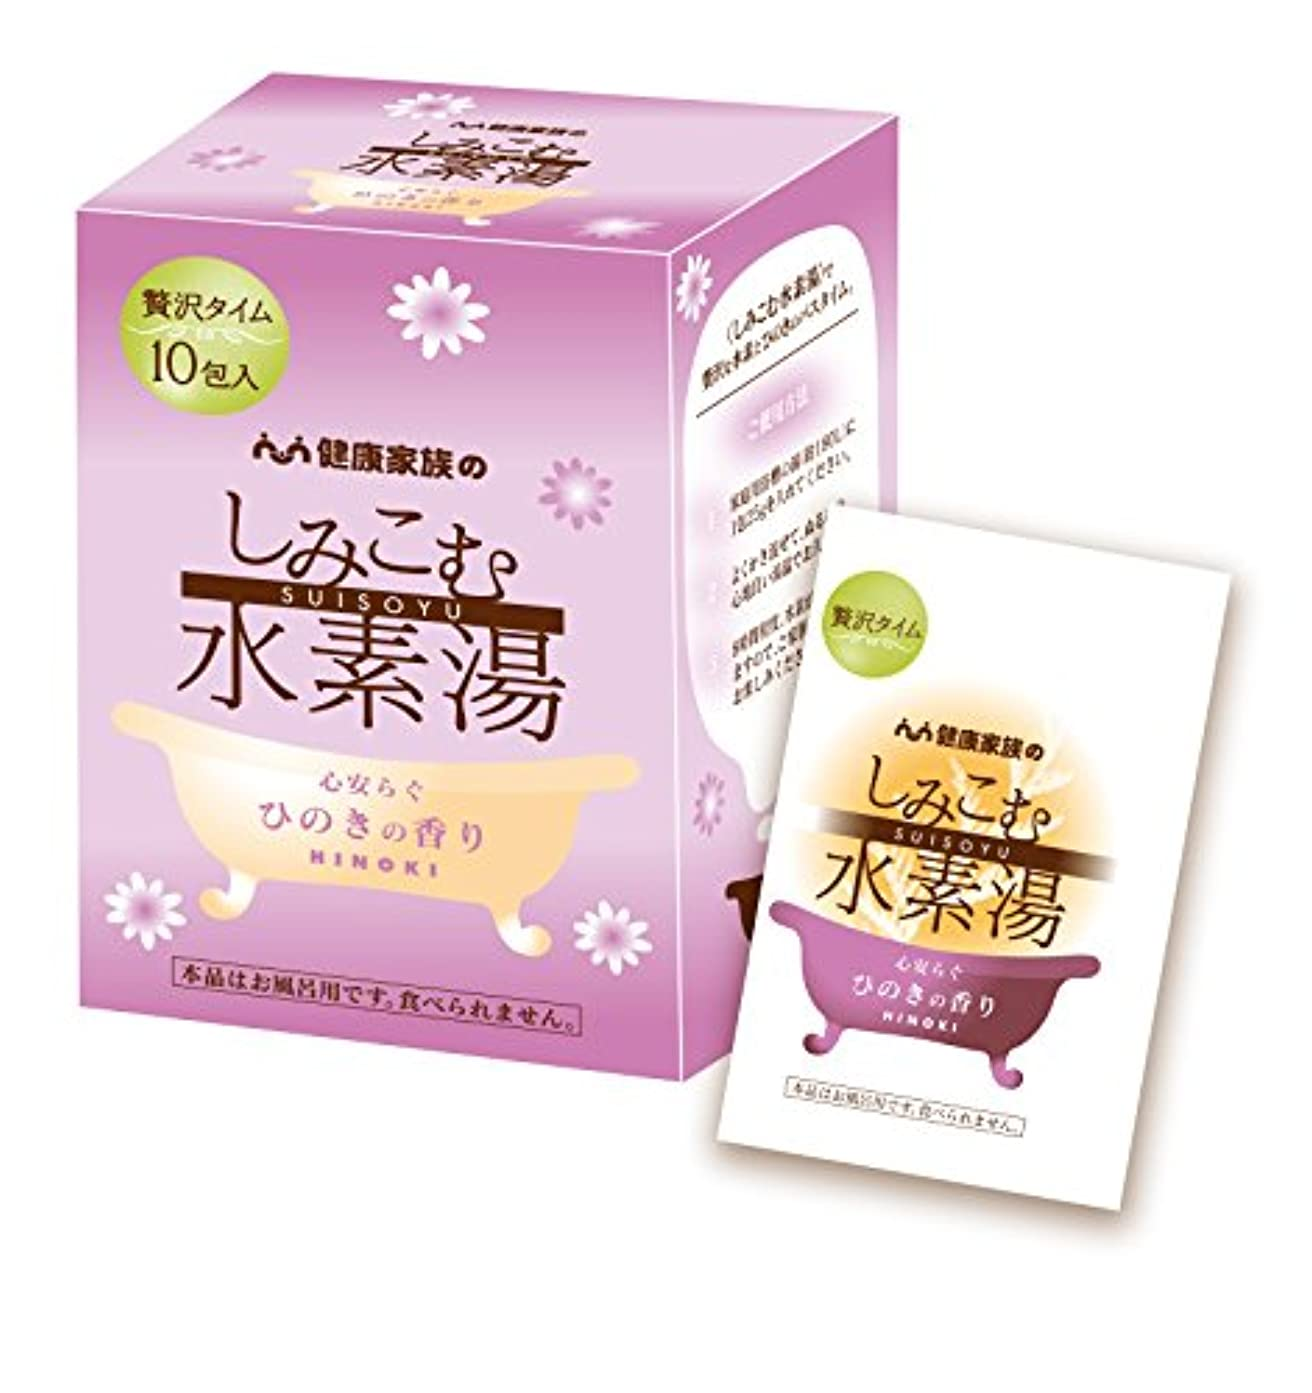 誇大妄想修復失態【健康家族】しみこむ水素湯 【30包セット】 (25g×30包)